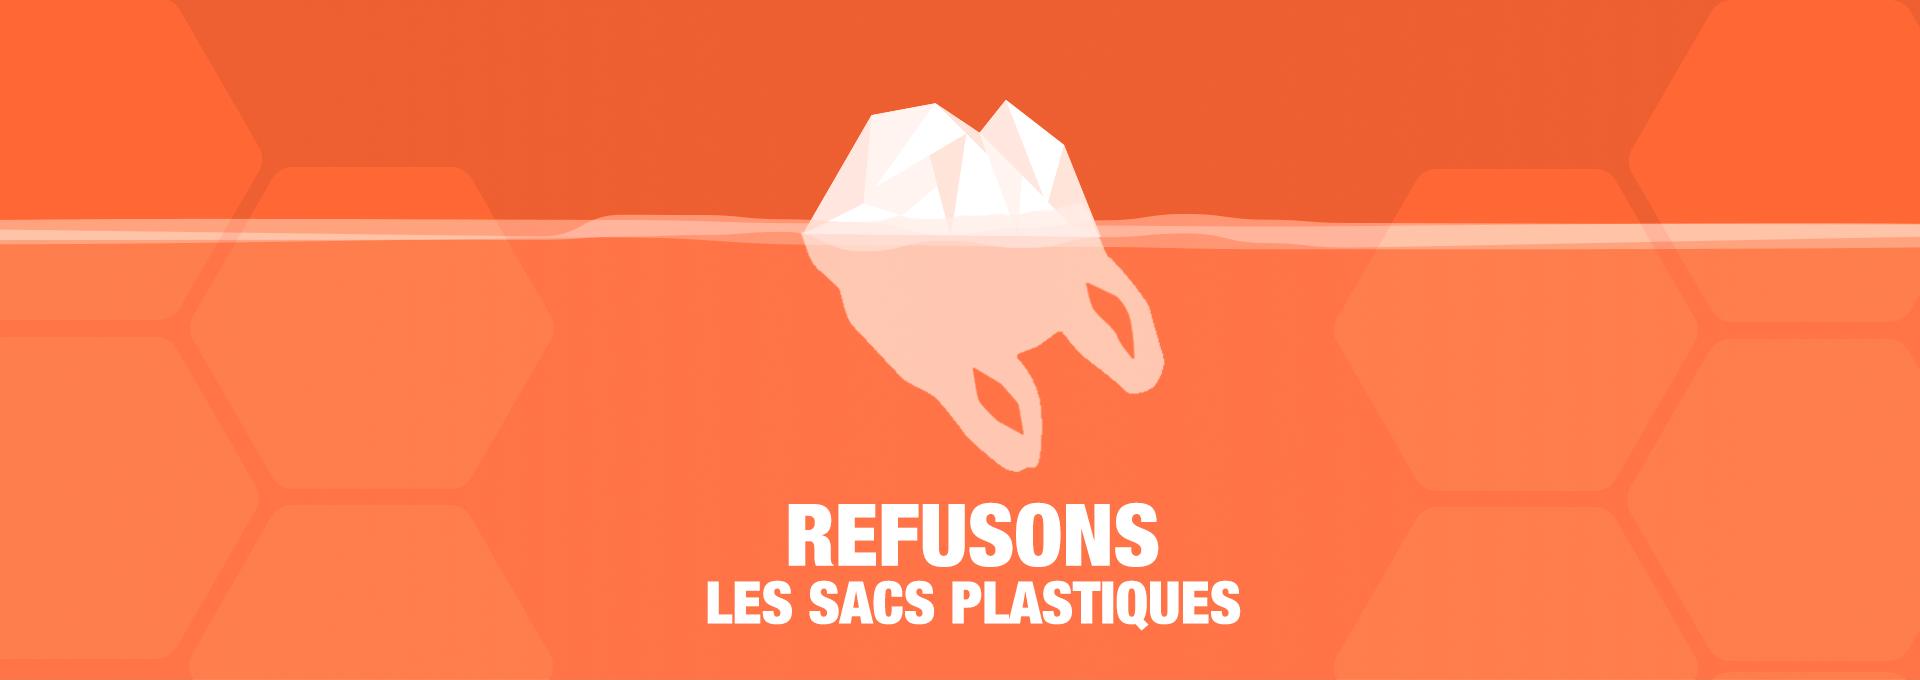 consommer autrement refusons les sacs plastiques